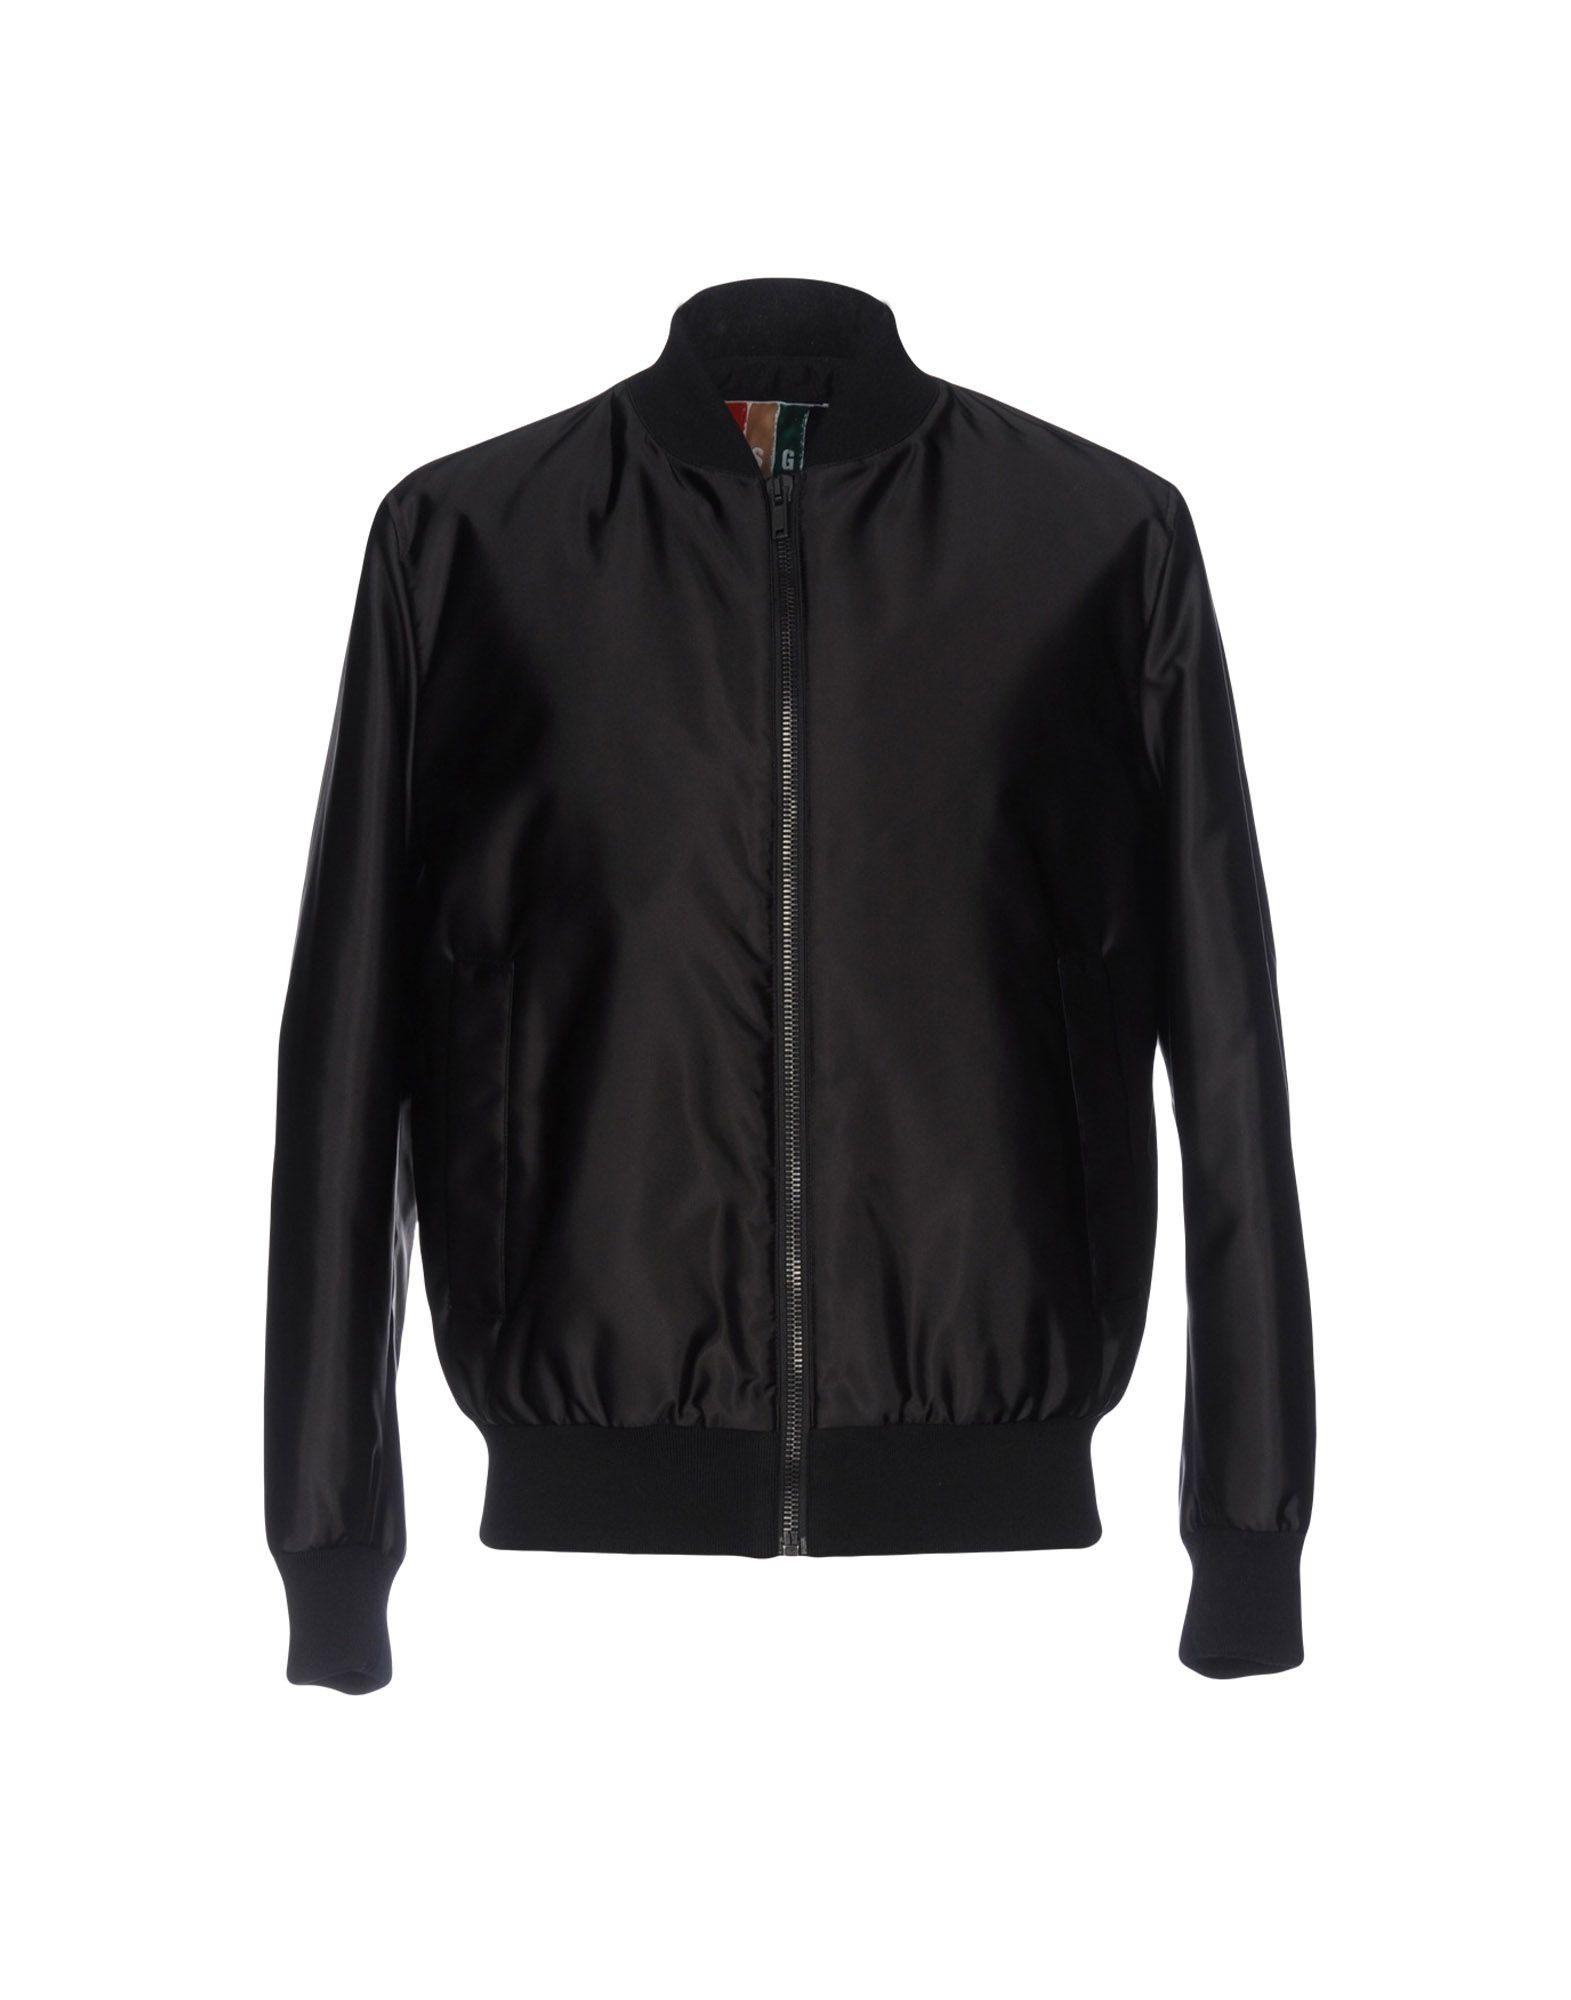 MSGM Herren Jacke Farbe Schwarz Größe 4